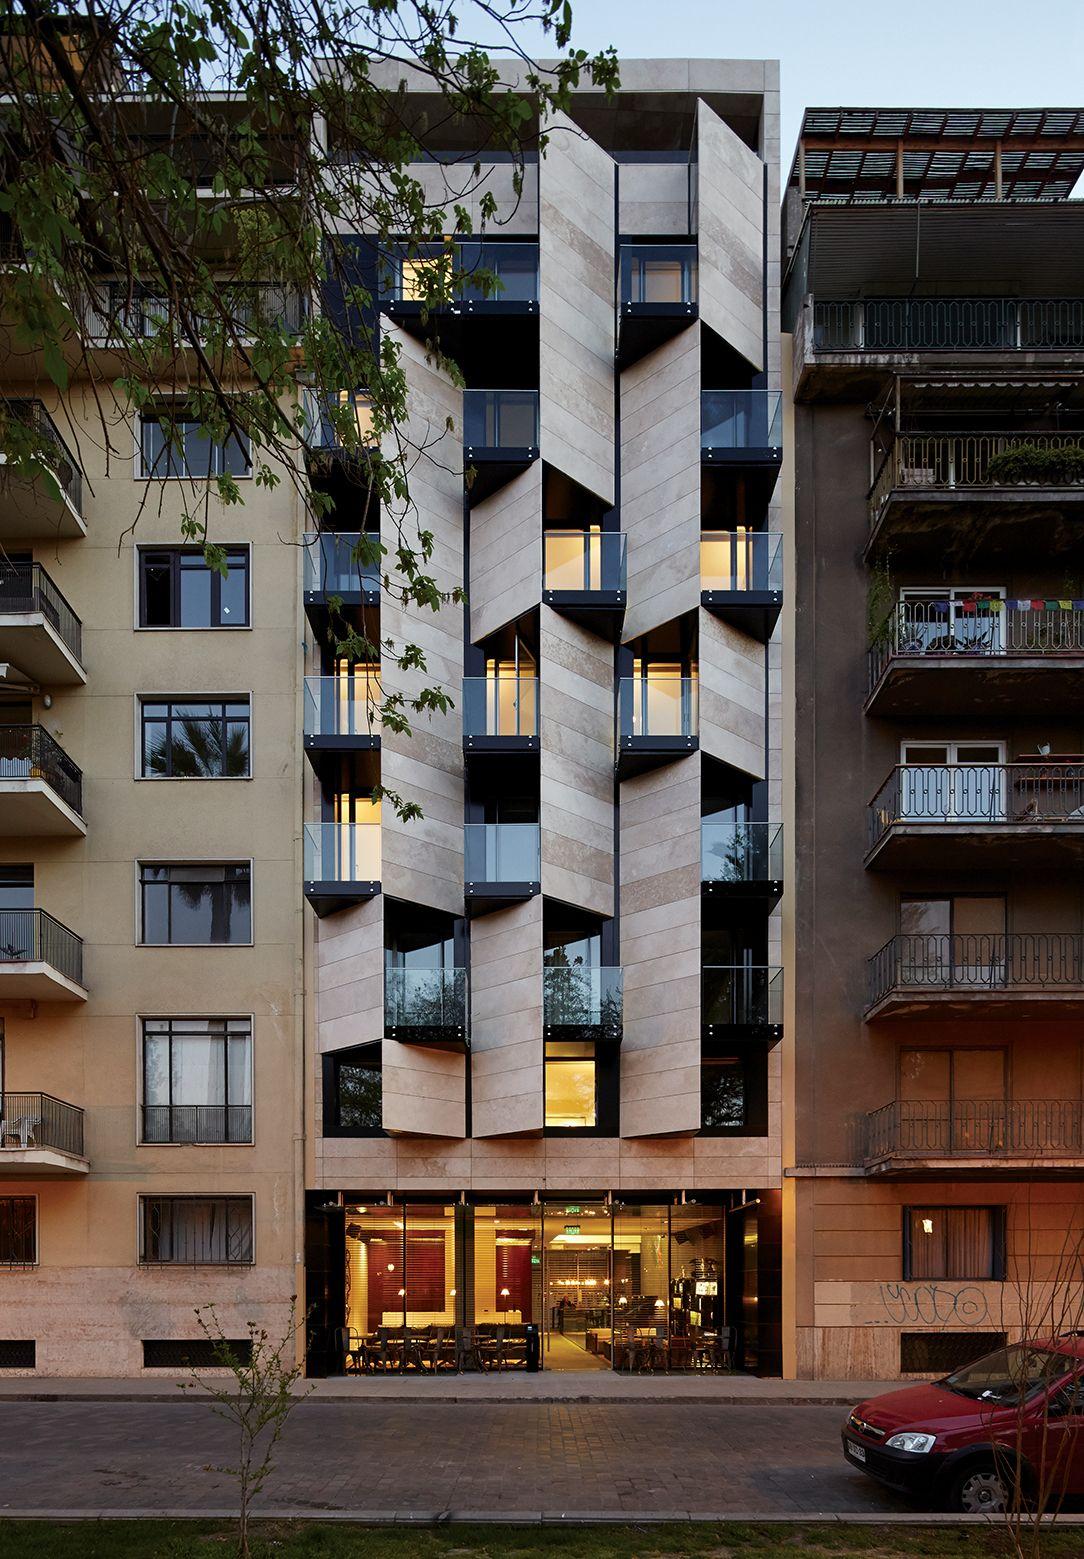 Ismael 312 Hotel Estudio Larrain - 6